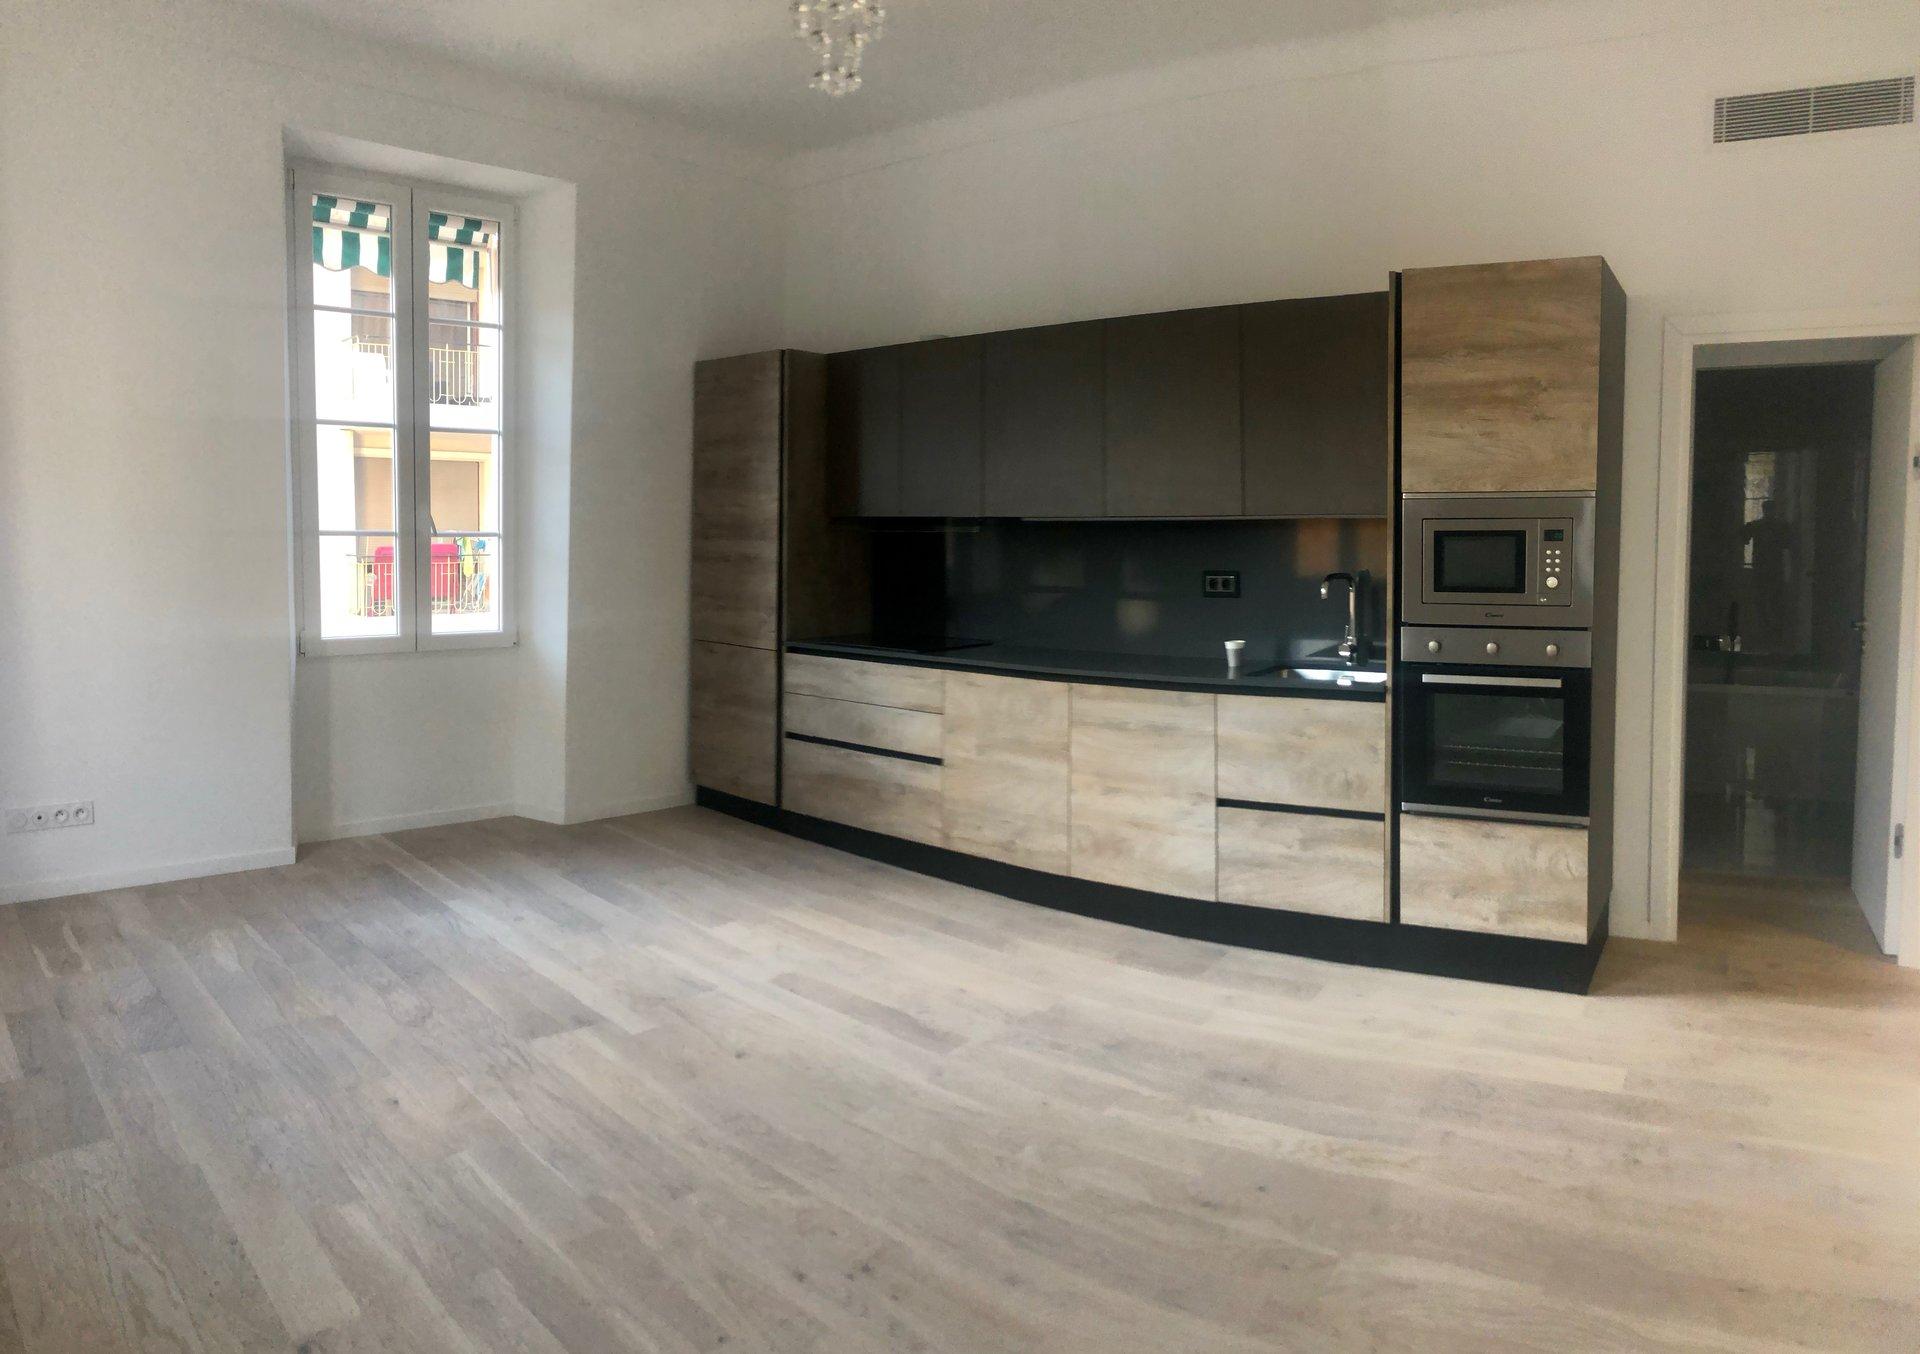 Appartement 3 pièces - Centre ville - Rue Alberti